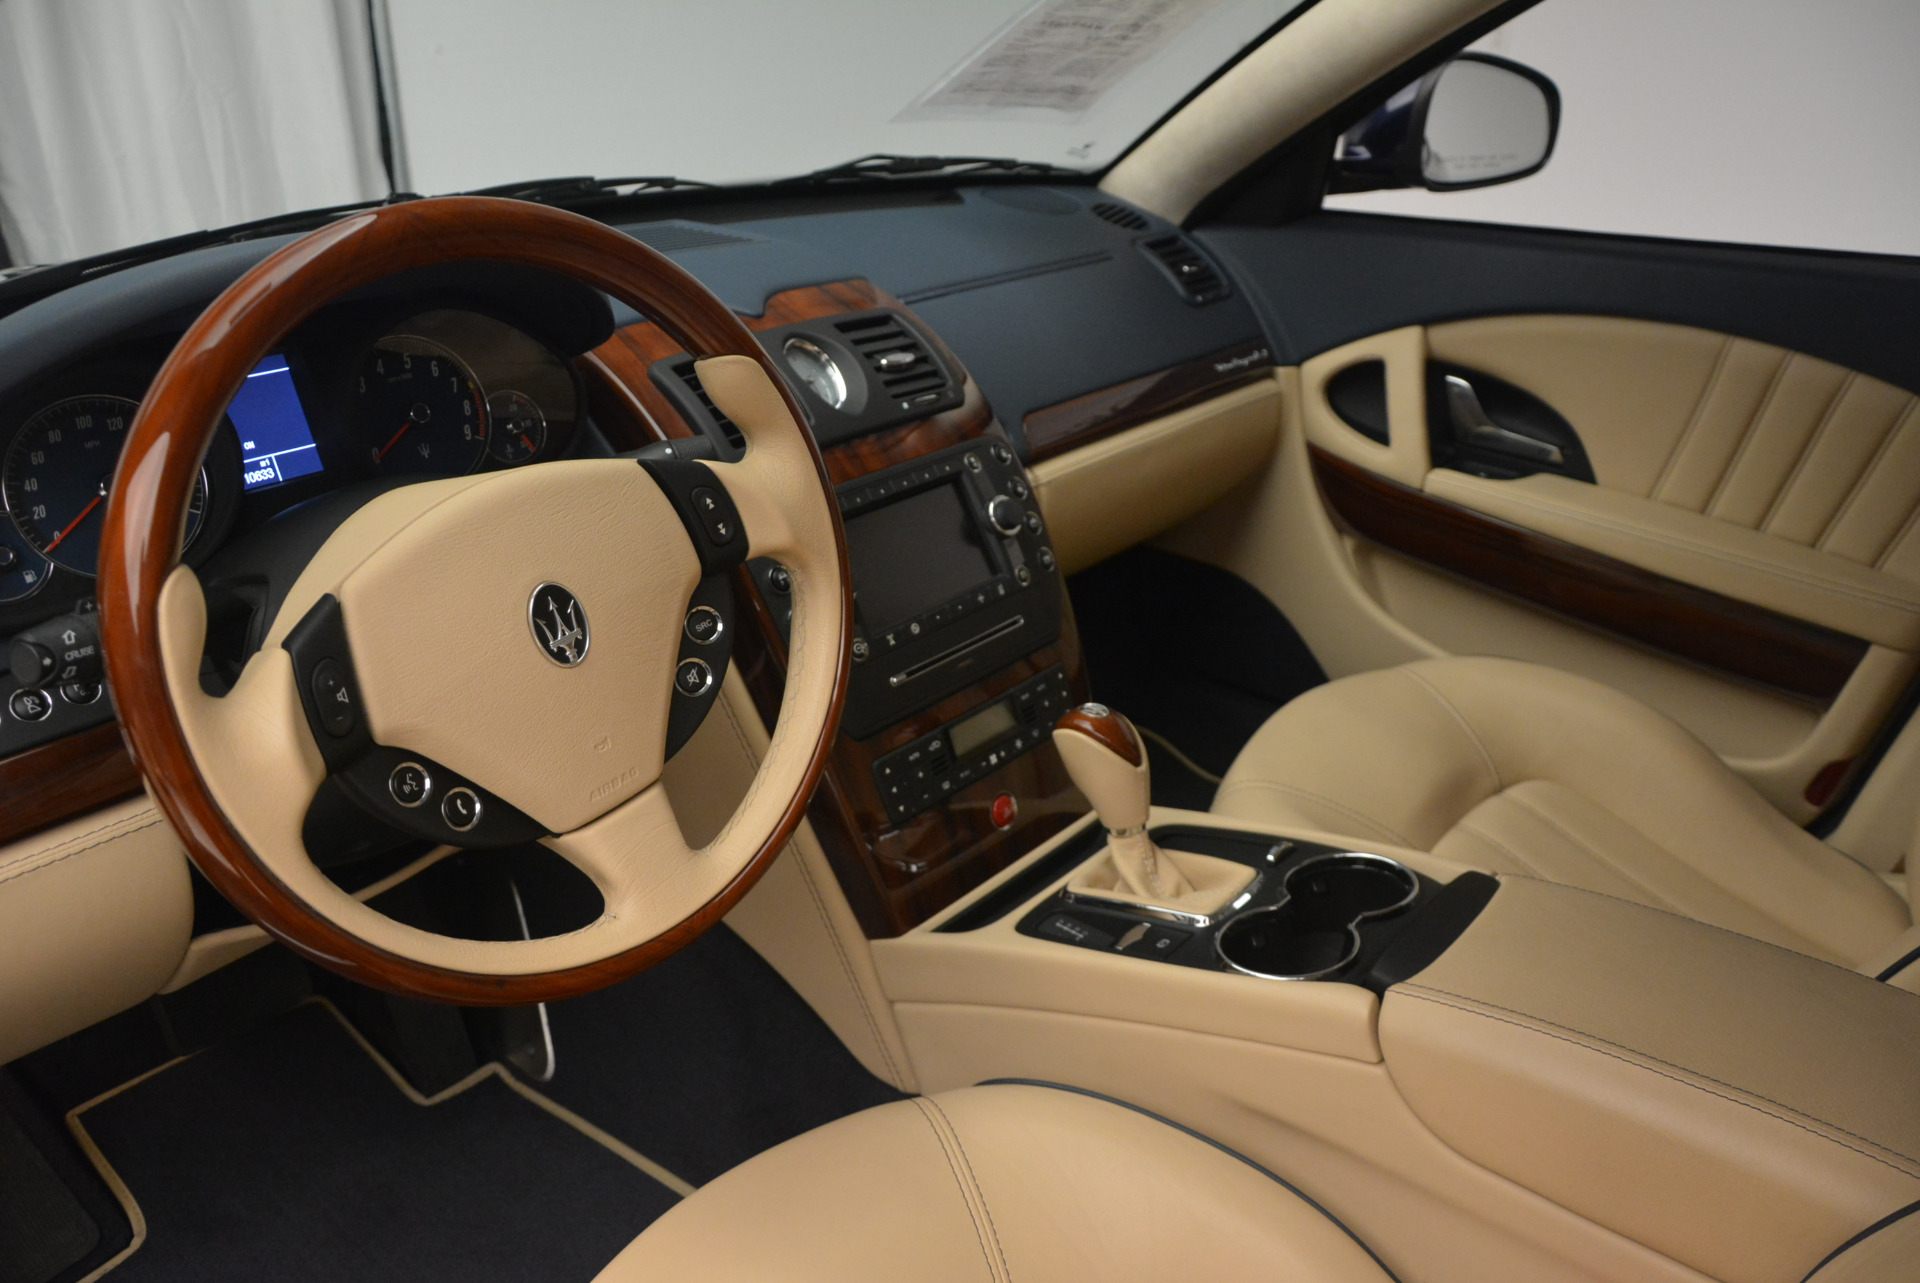 Used 2010 Maserati Quattroporte S For Sale In Greenwich, CT. Alfa Romeo of Greenwich, 1267 795_p15